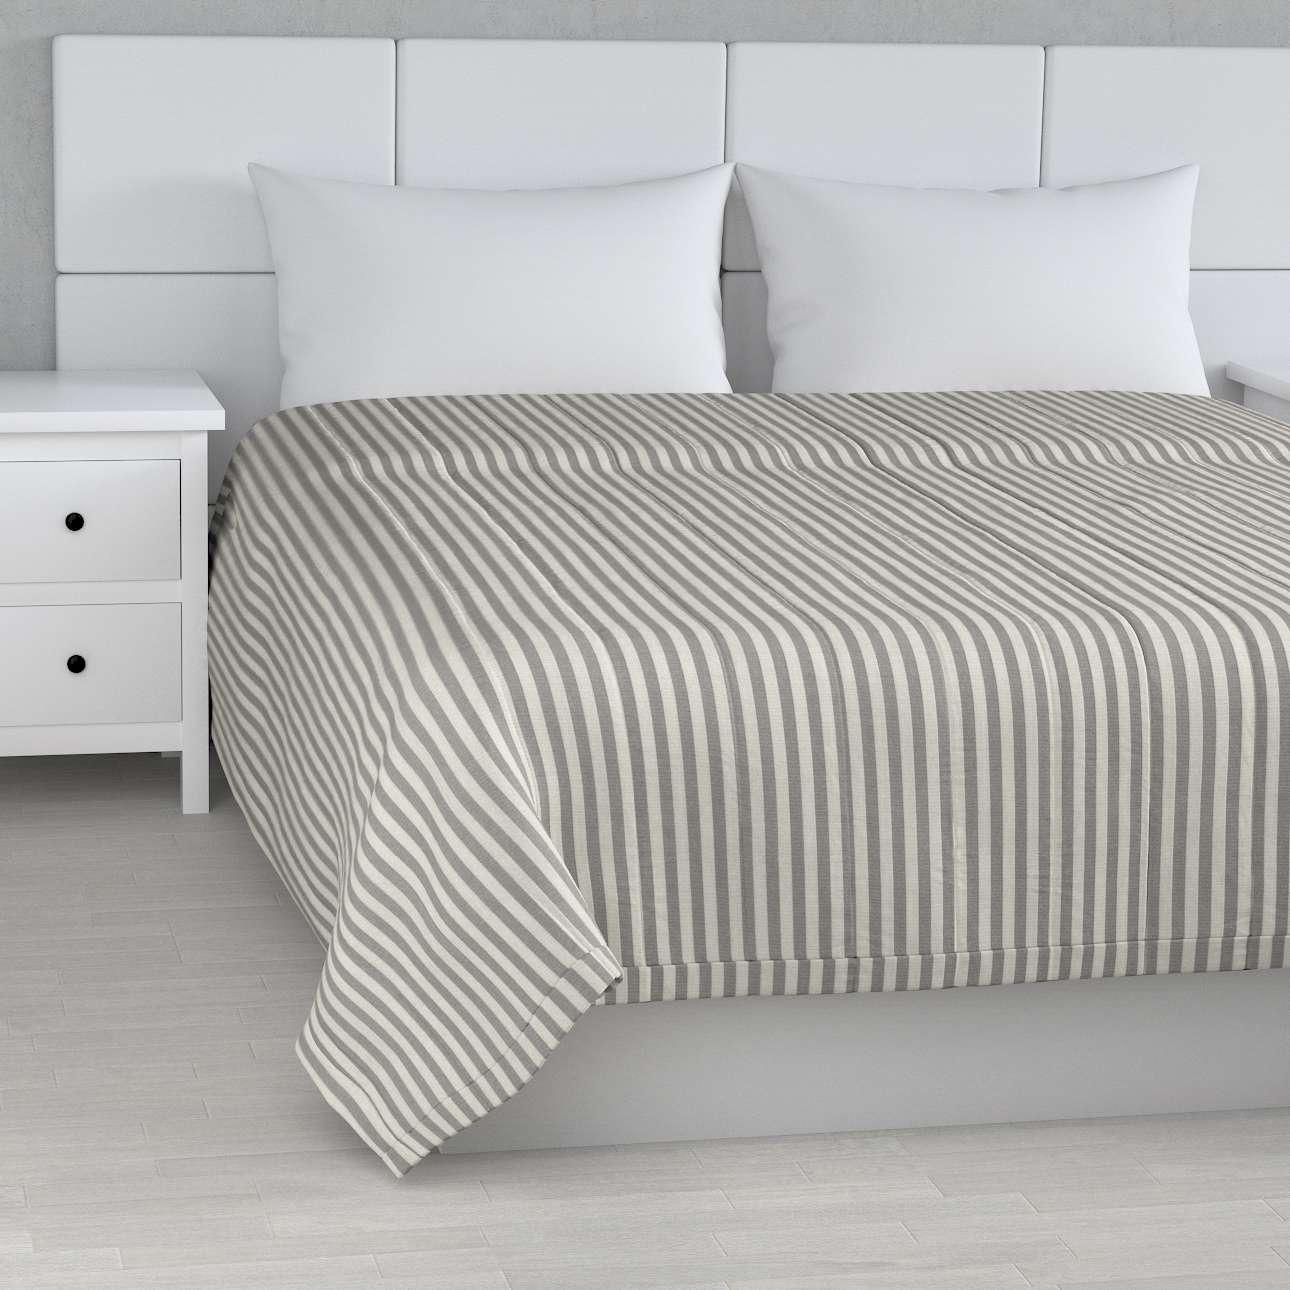 Tagesdecke mit Streifen-Steppung von der Kollektion Quadro, Stoff: 136-12